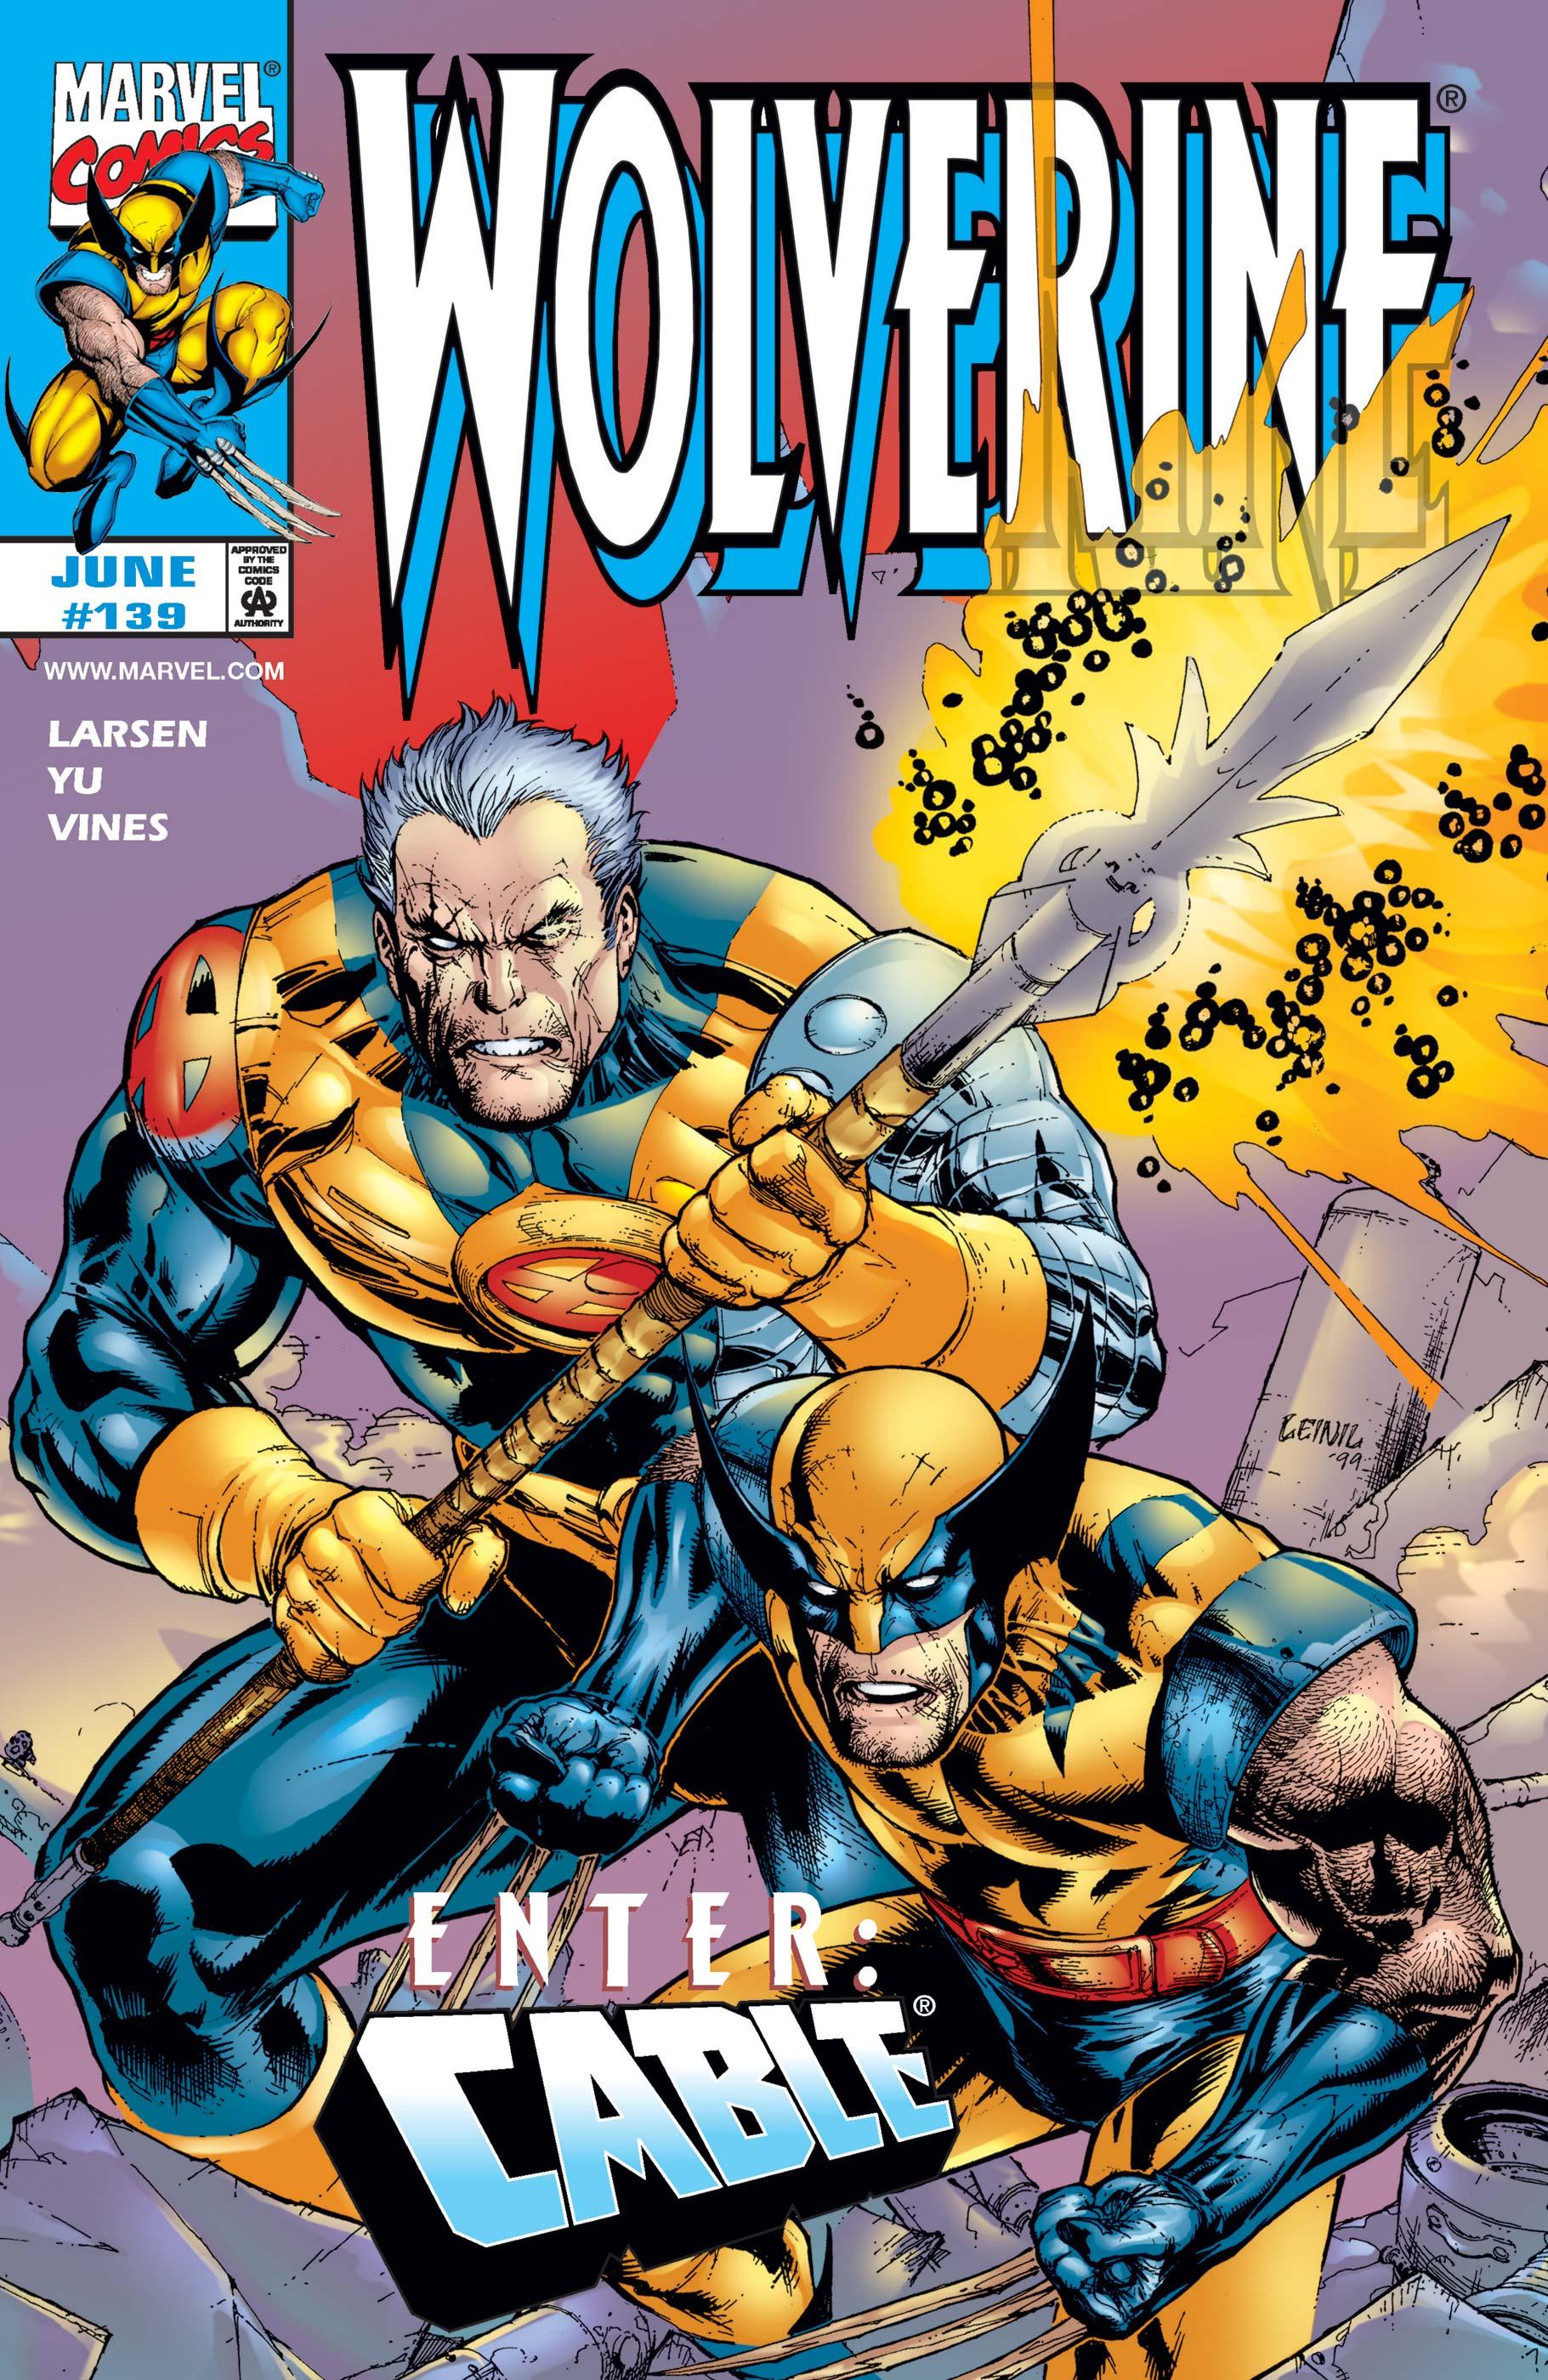 Wolverine (1988) #139